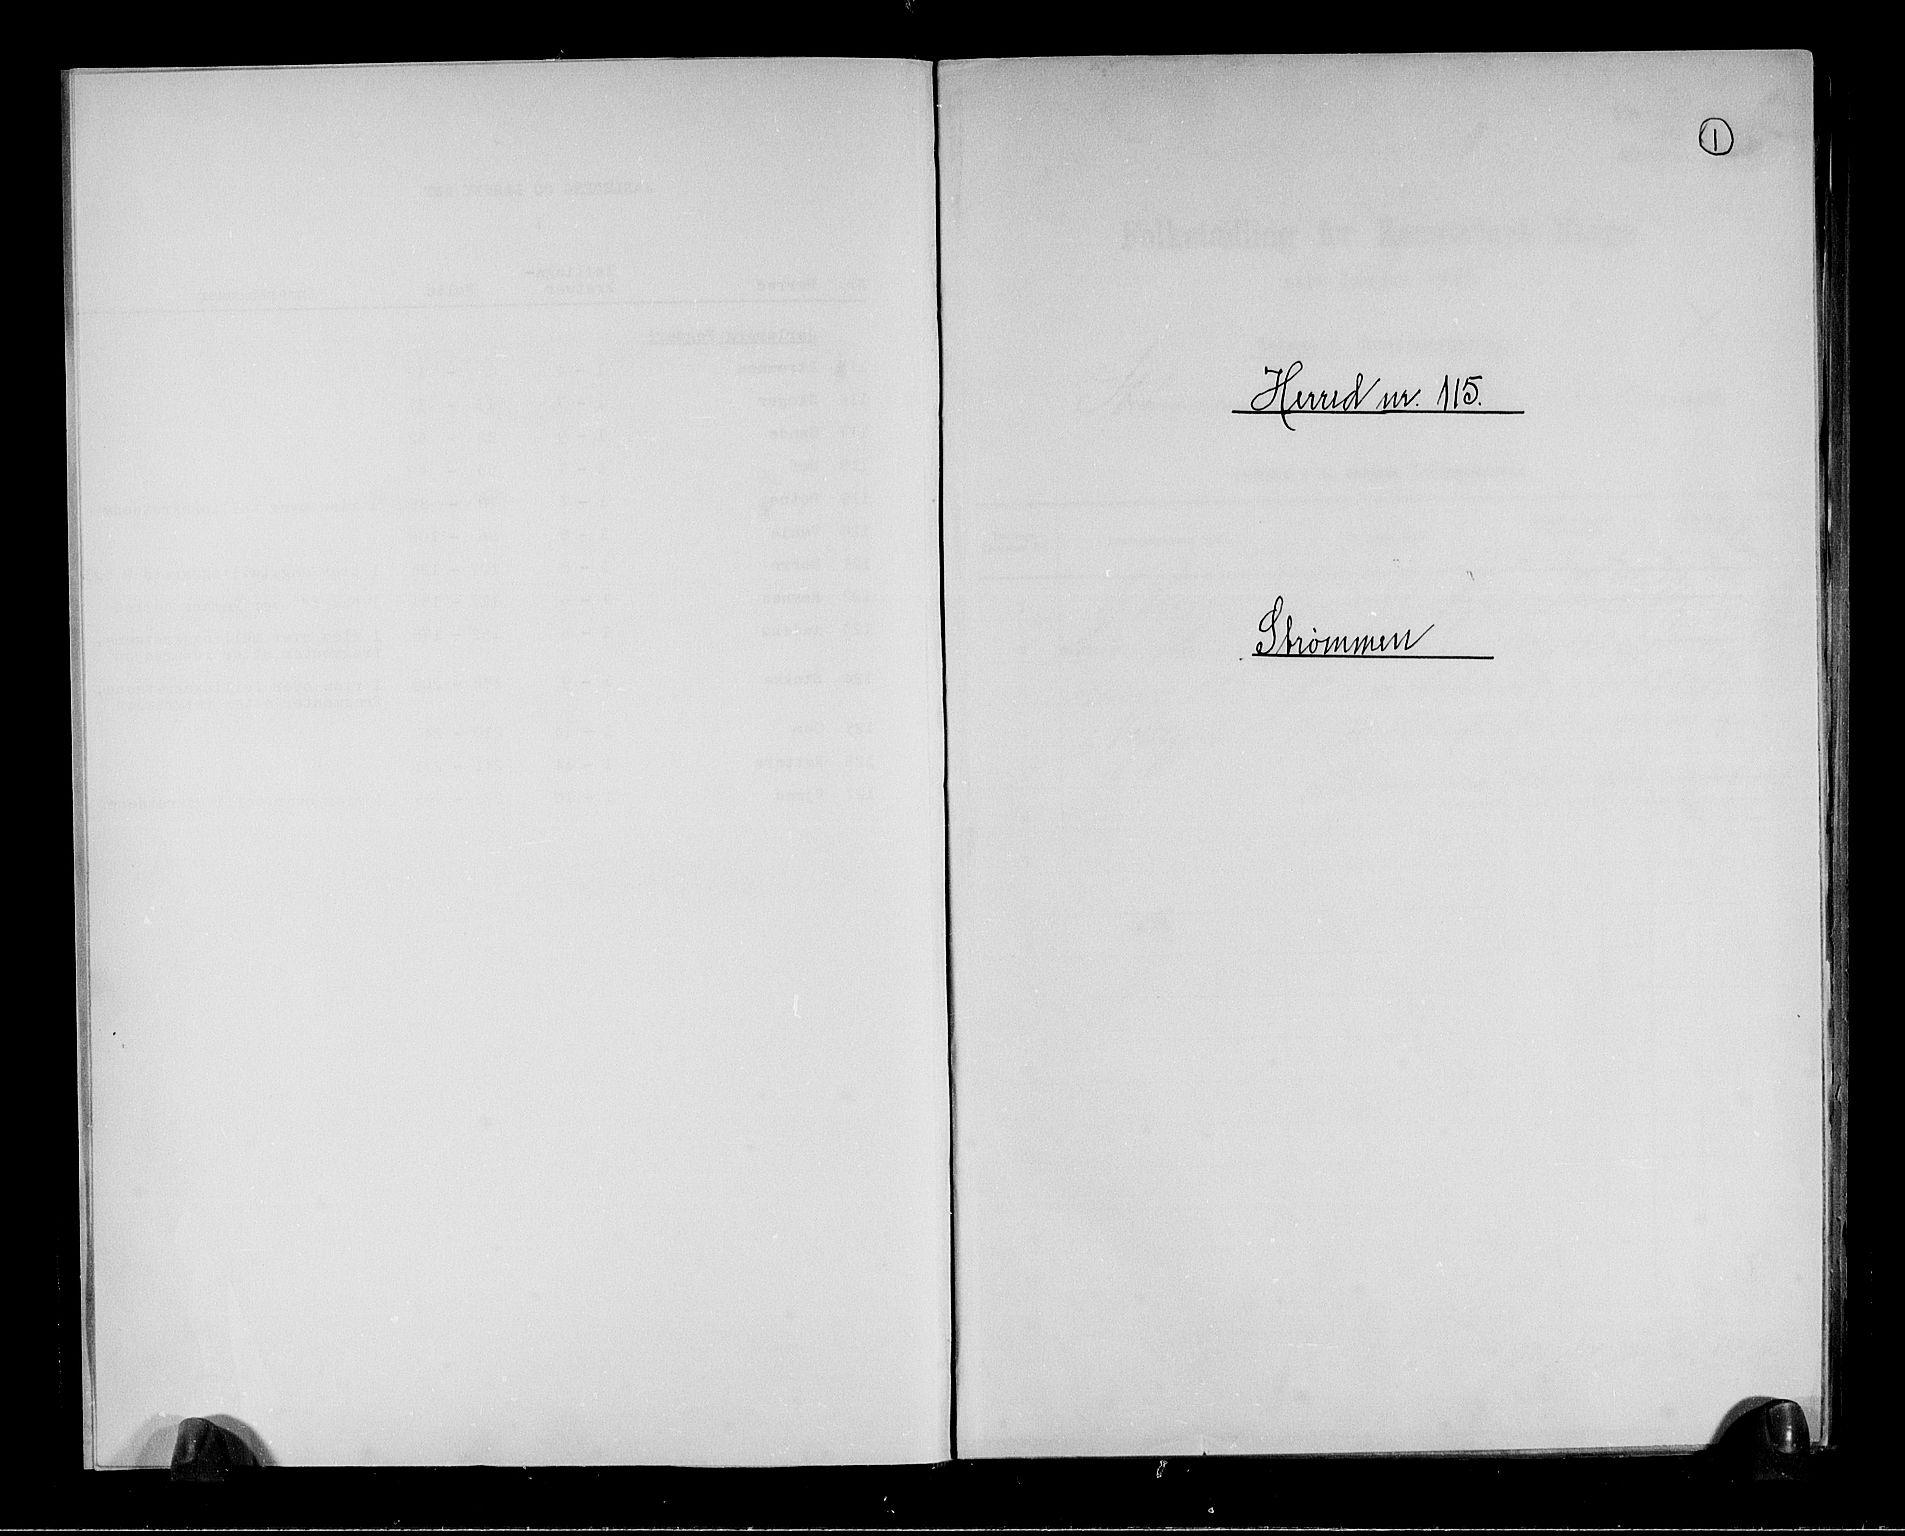 RA, Folketelling 1891 for 0711 Strømm herred, 1891, s. 1